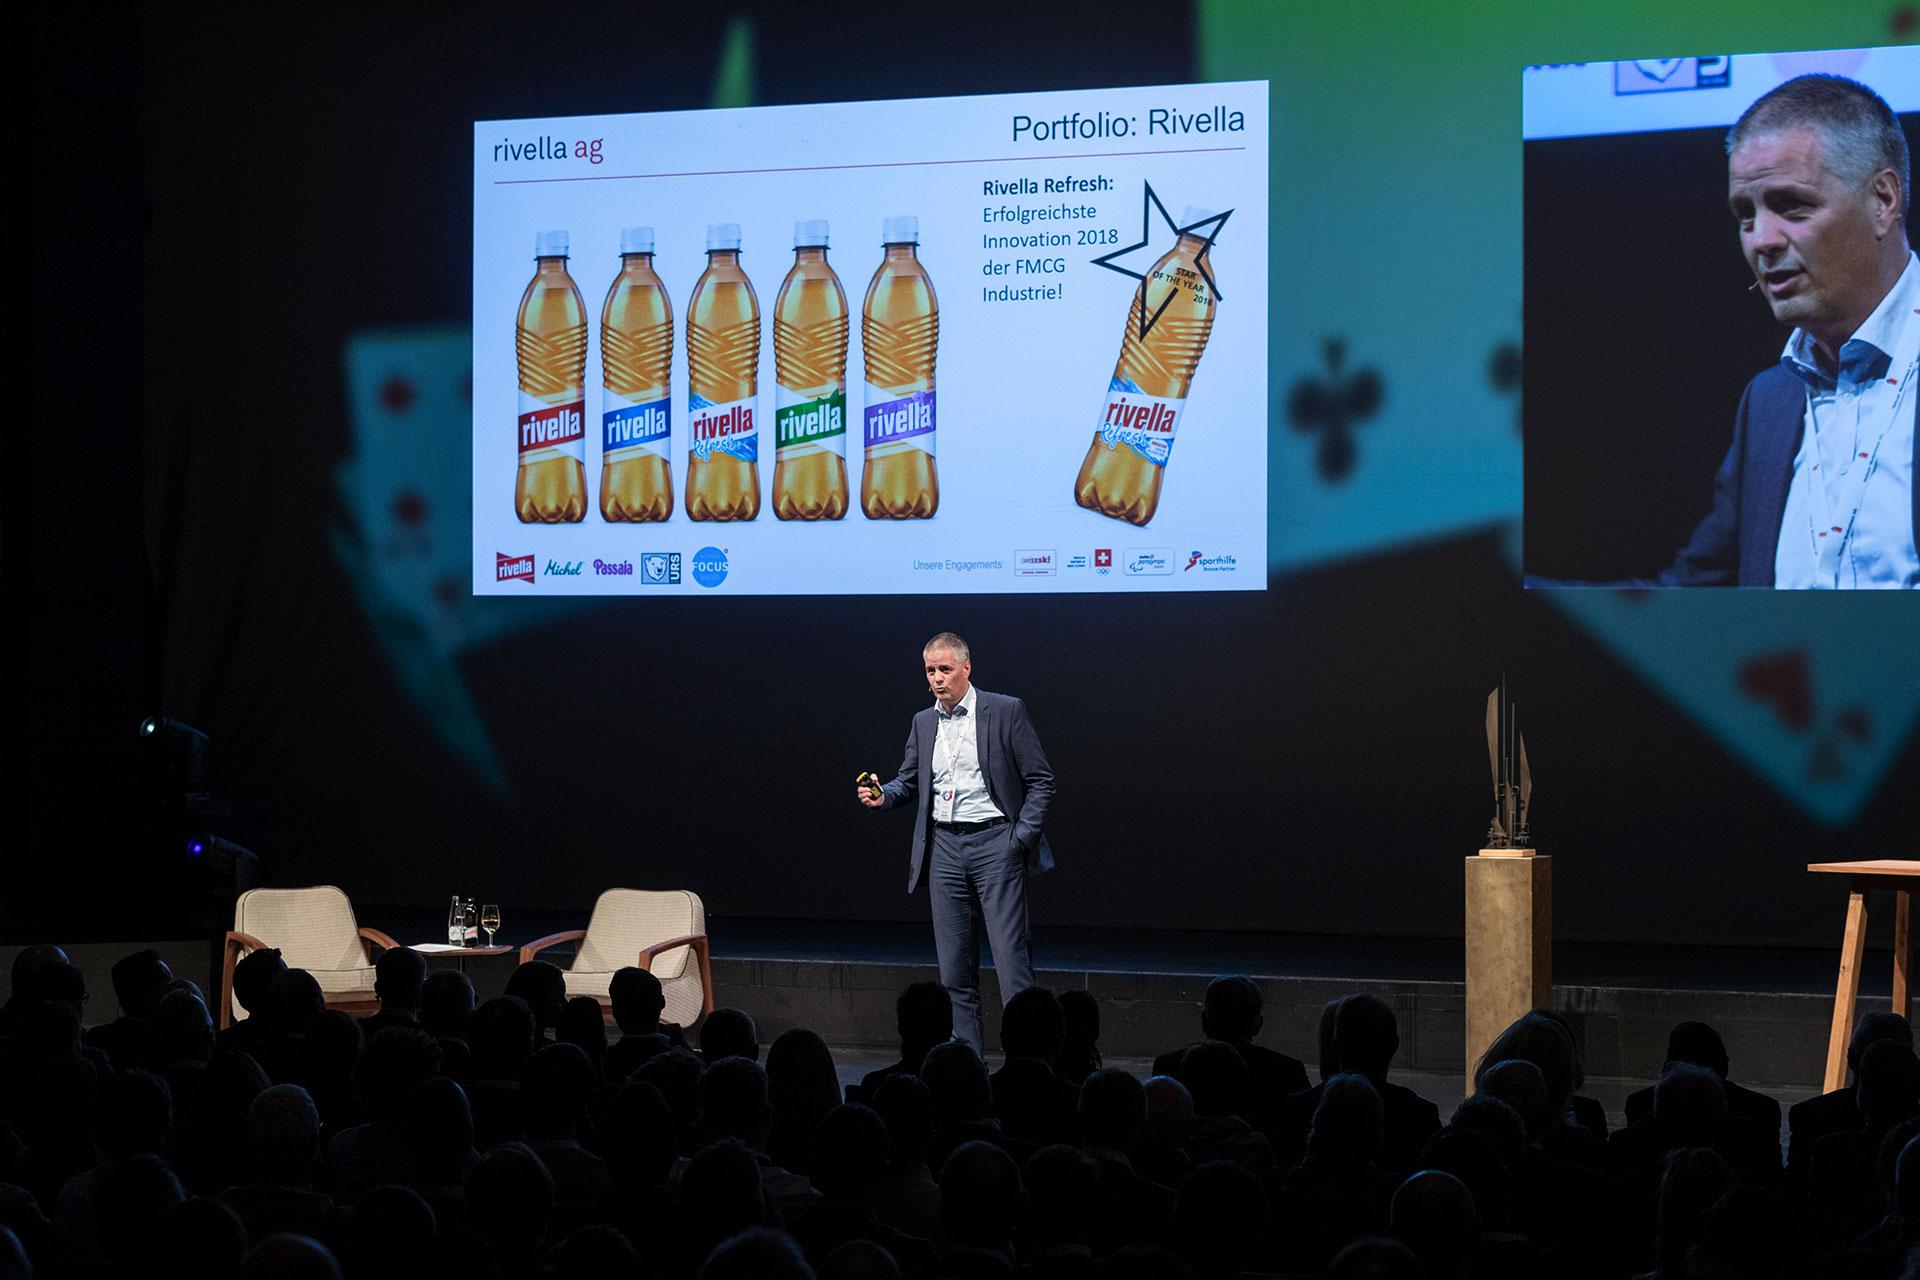 Mann referiert auf Bühne am Finanzforum Liechtenstein 2019 vor Leinwand